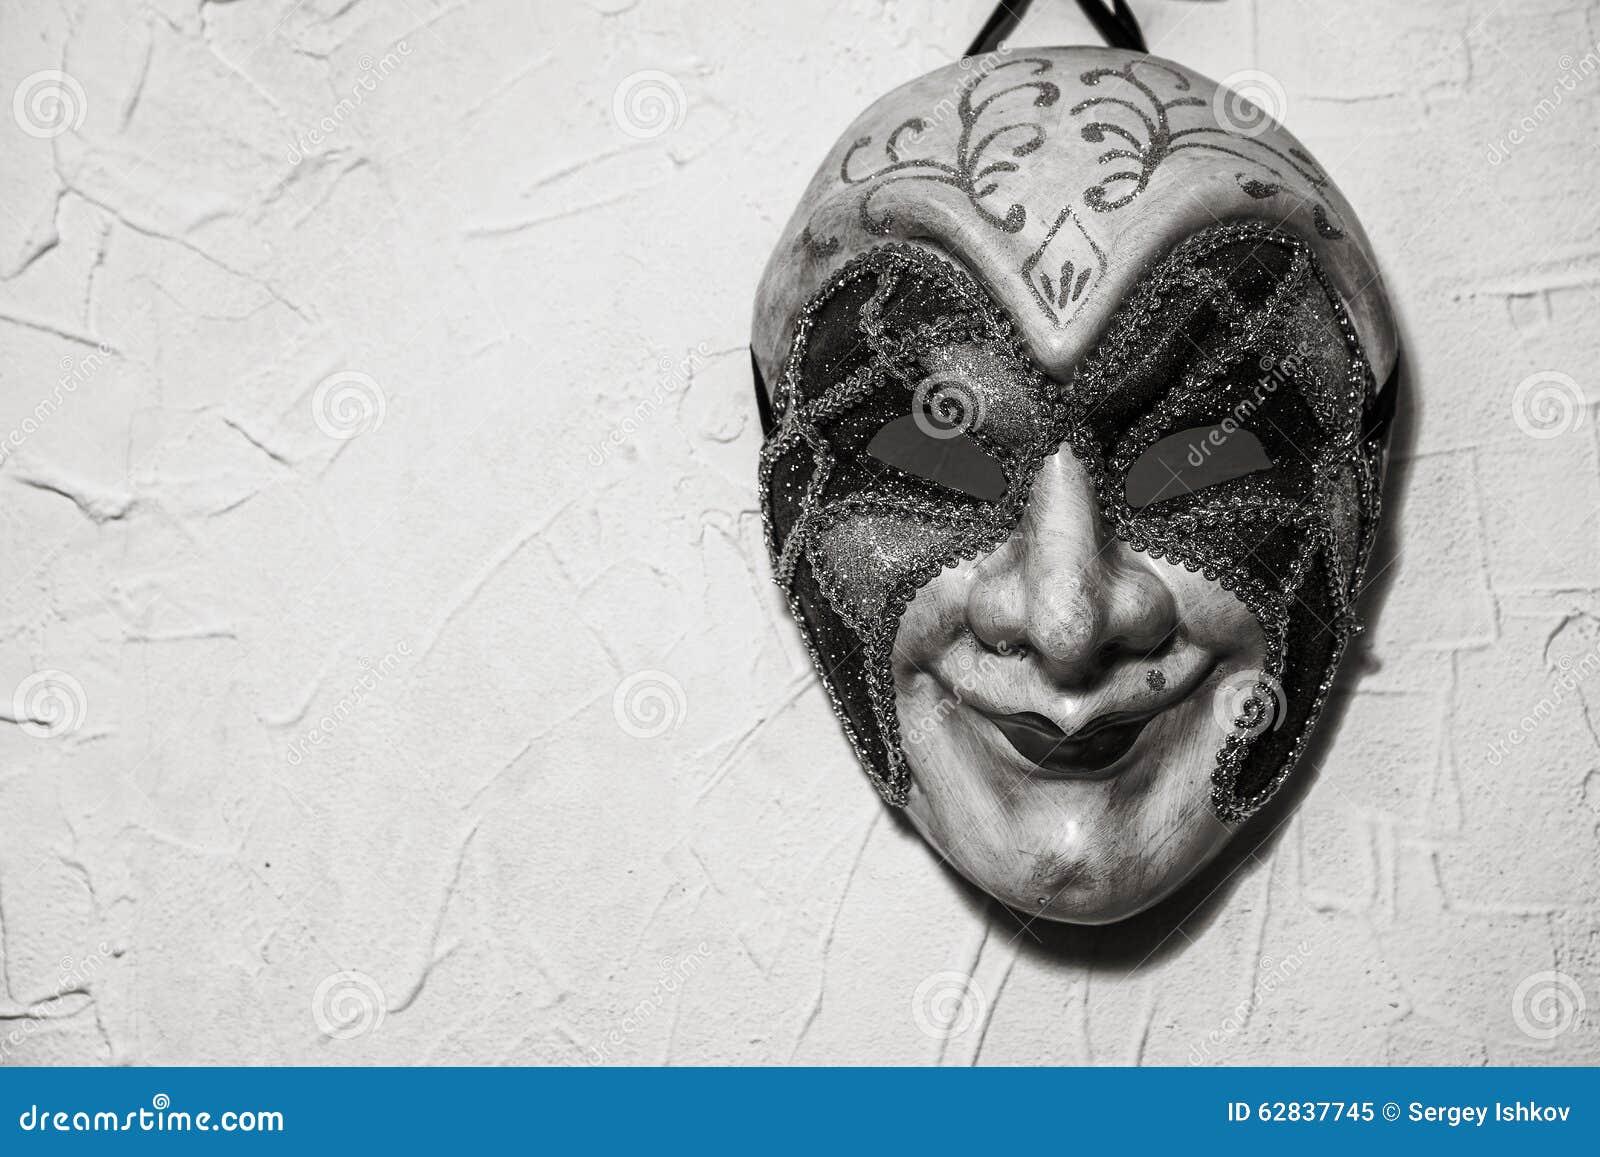 Sinister joker mask black and white